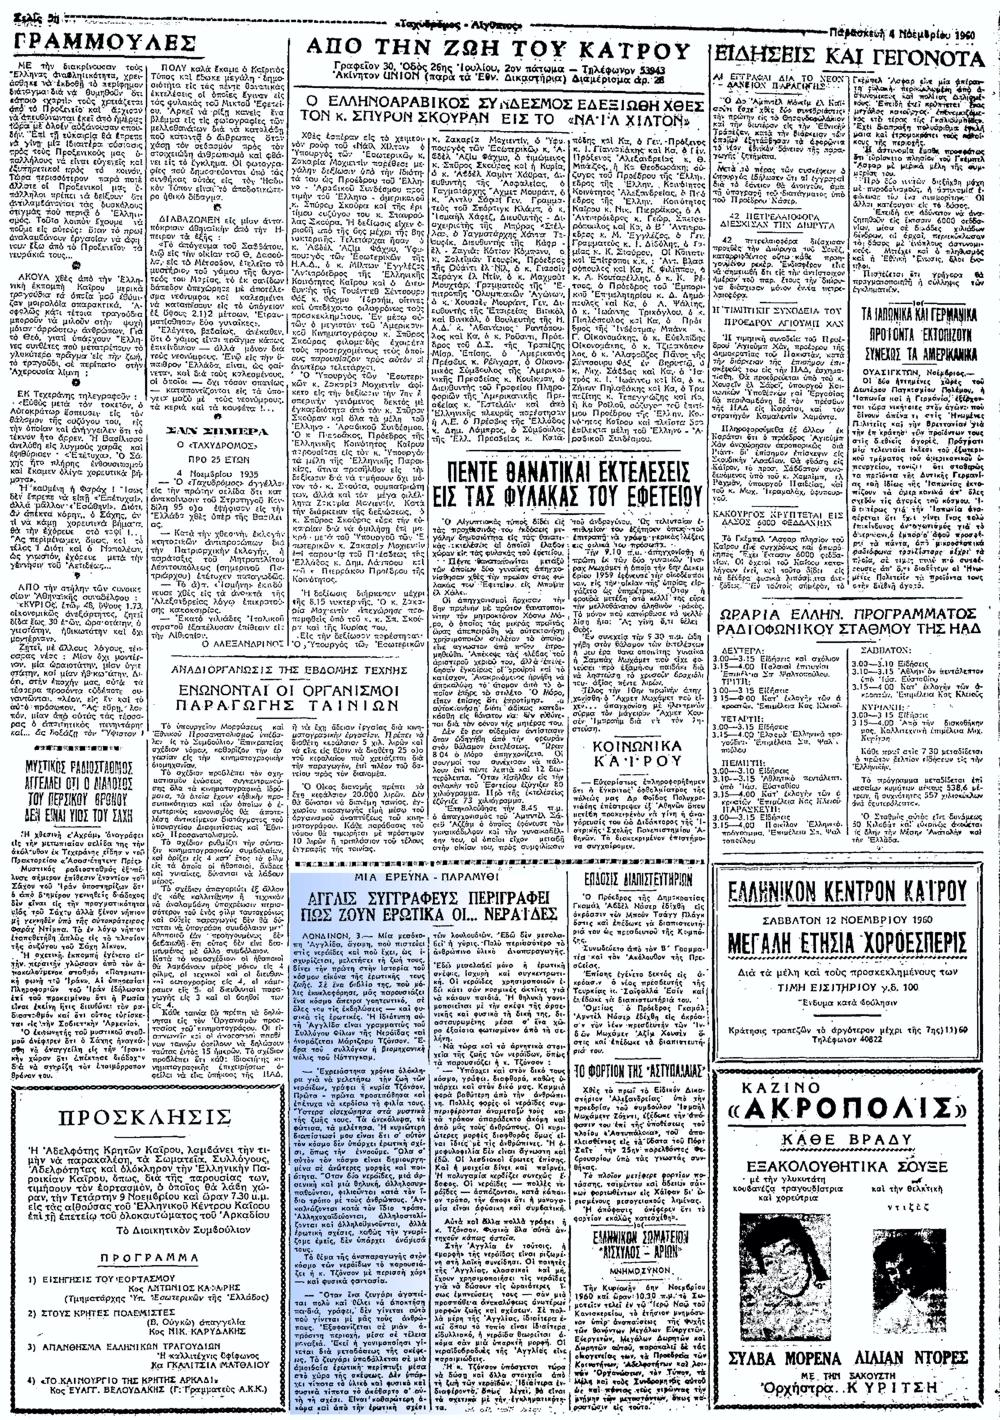 """Το άρθρο, όπως δημοσιεύθηκε στην εφημερίδα """"ΤΑΧΥΔΡΟΜΟΣ"""", στις 04/11/1960"""